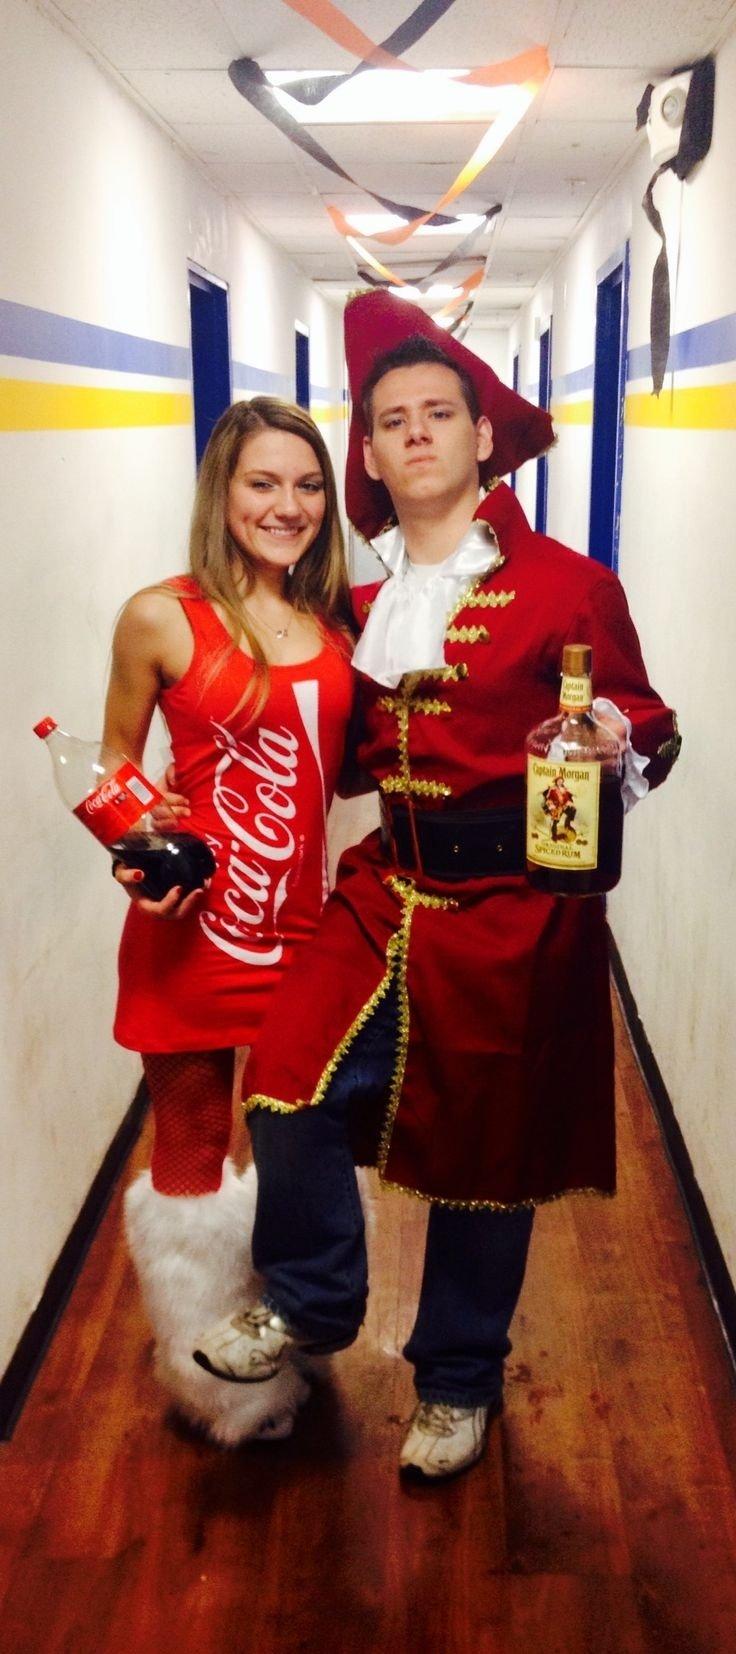 10 Nice Cute Couple Ideas For Halloween 23 best halloween images on pinterest halloween ideas carnivals